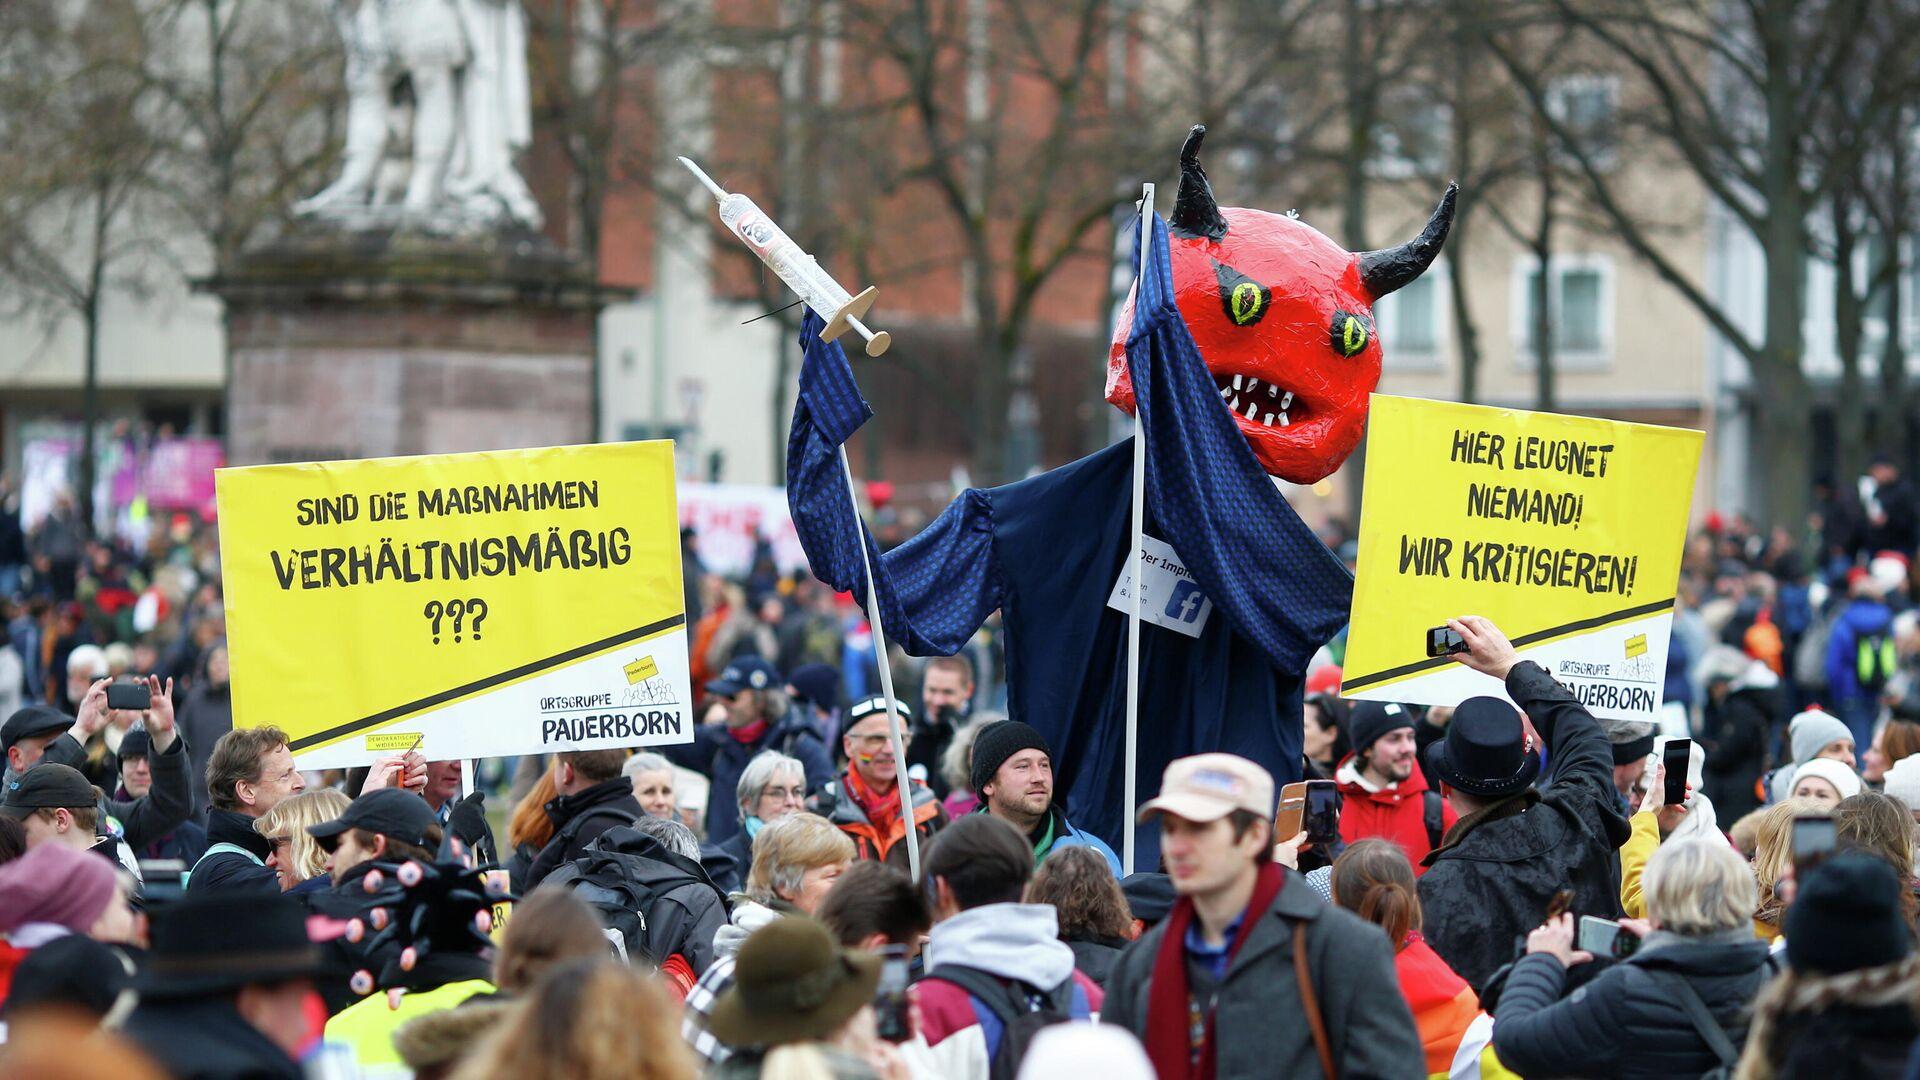 Акция протеста против мер по борьбе с коронавирусом в Касселе, Германия - РИА Новости, 1920, 01.04.2021